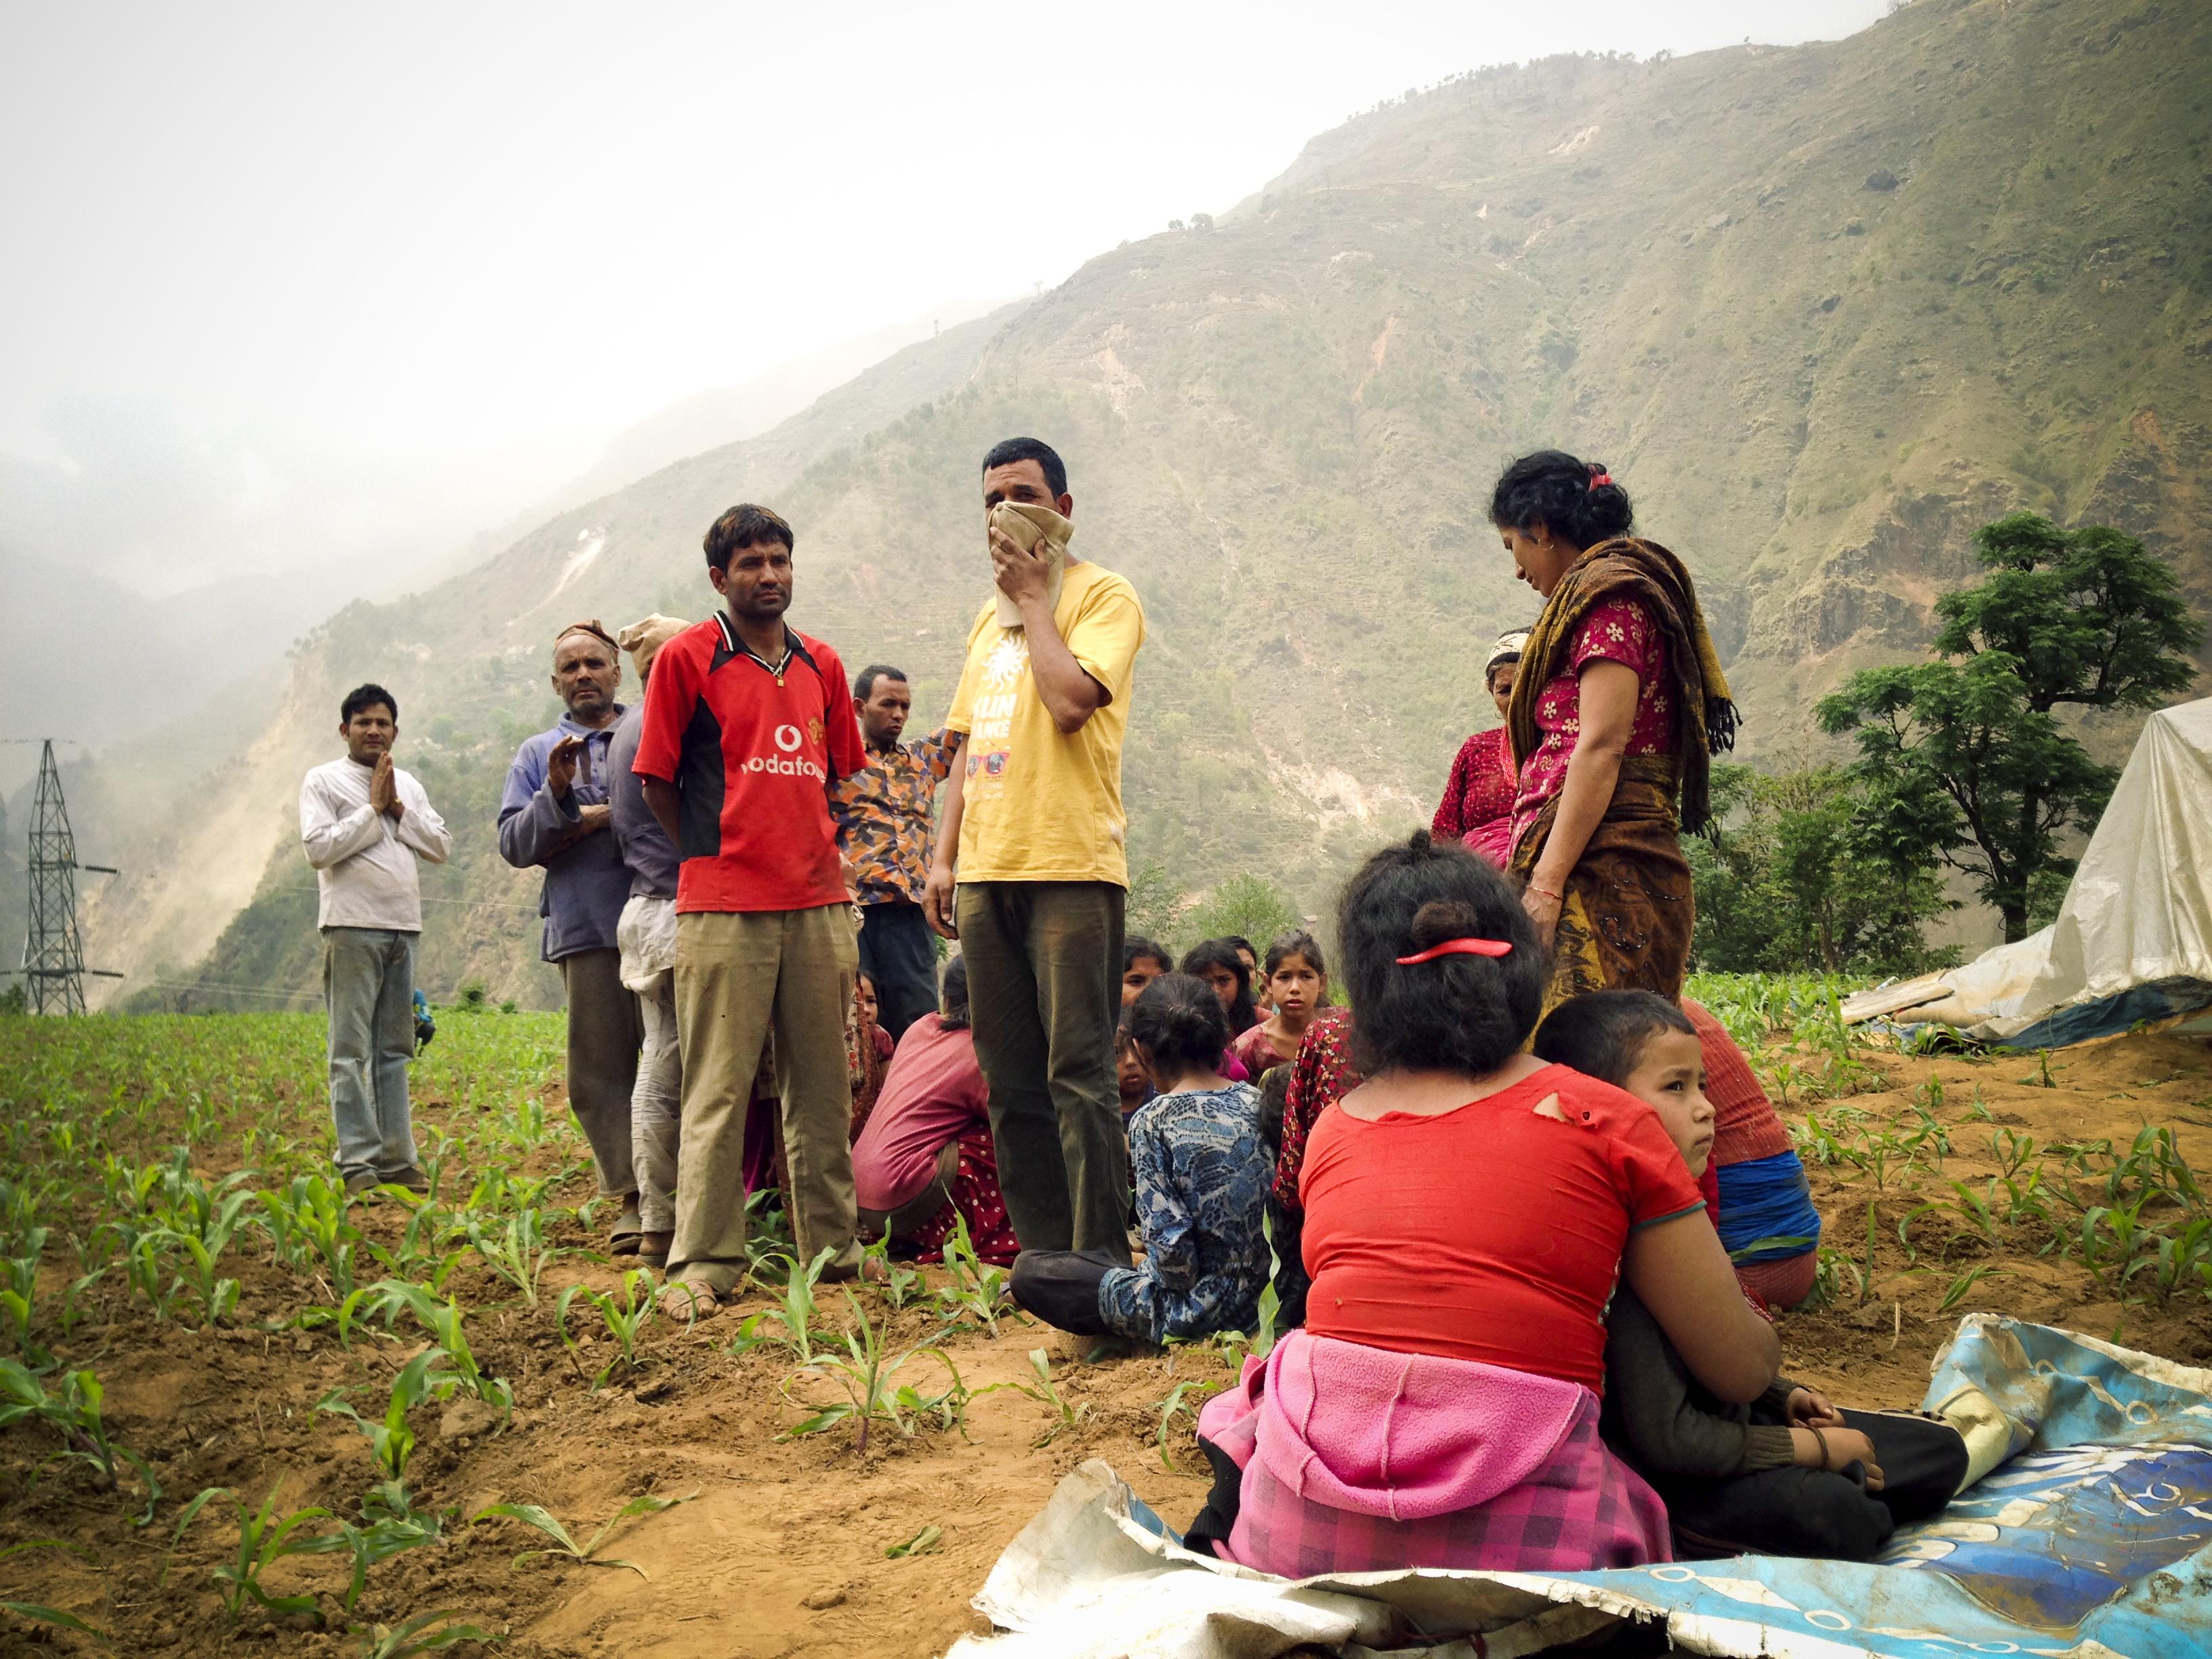 5-dân làng tuyệt vọng trông chờ trực thăng cứu nạn